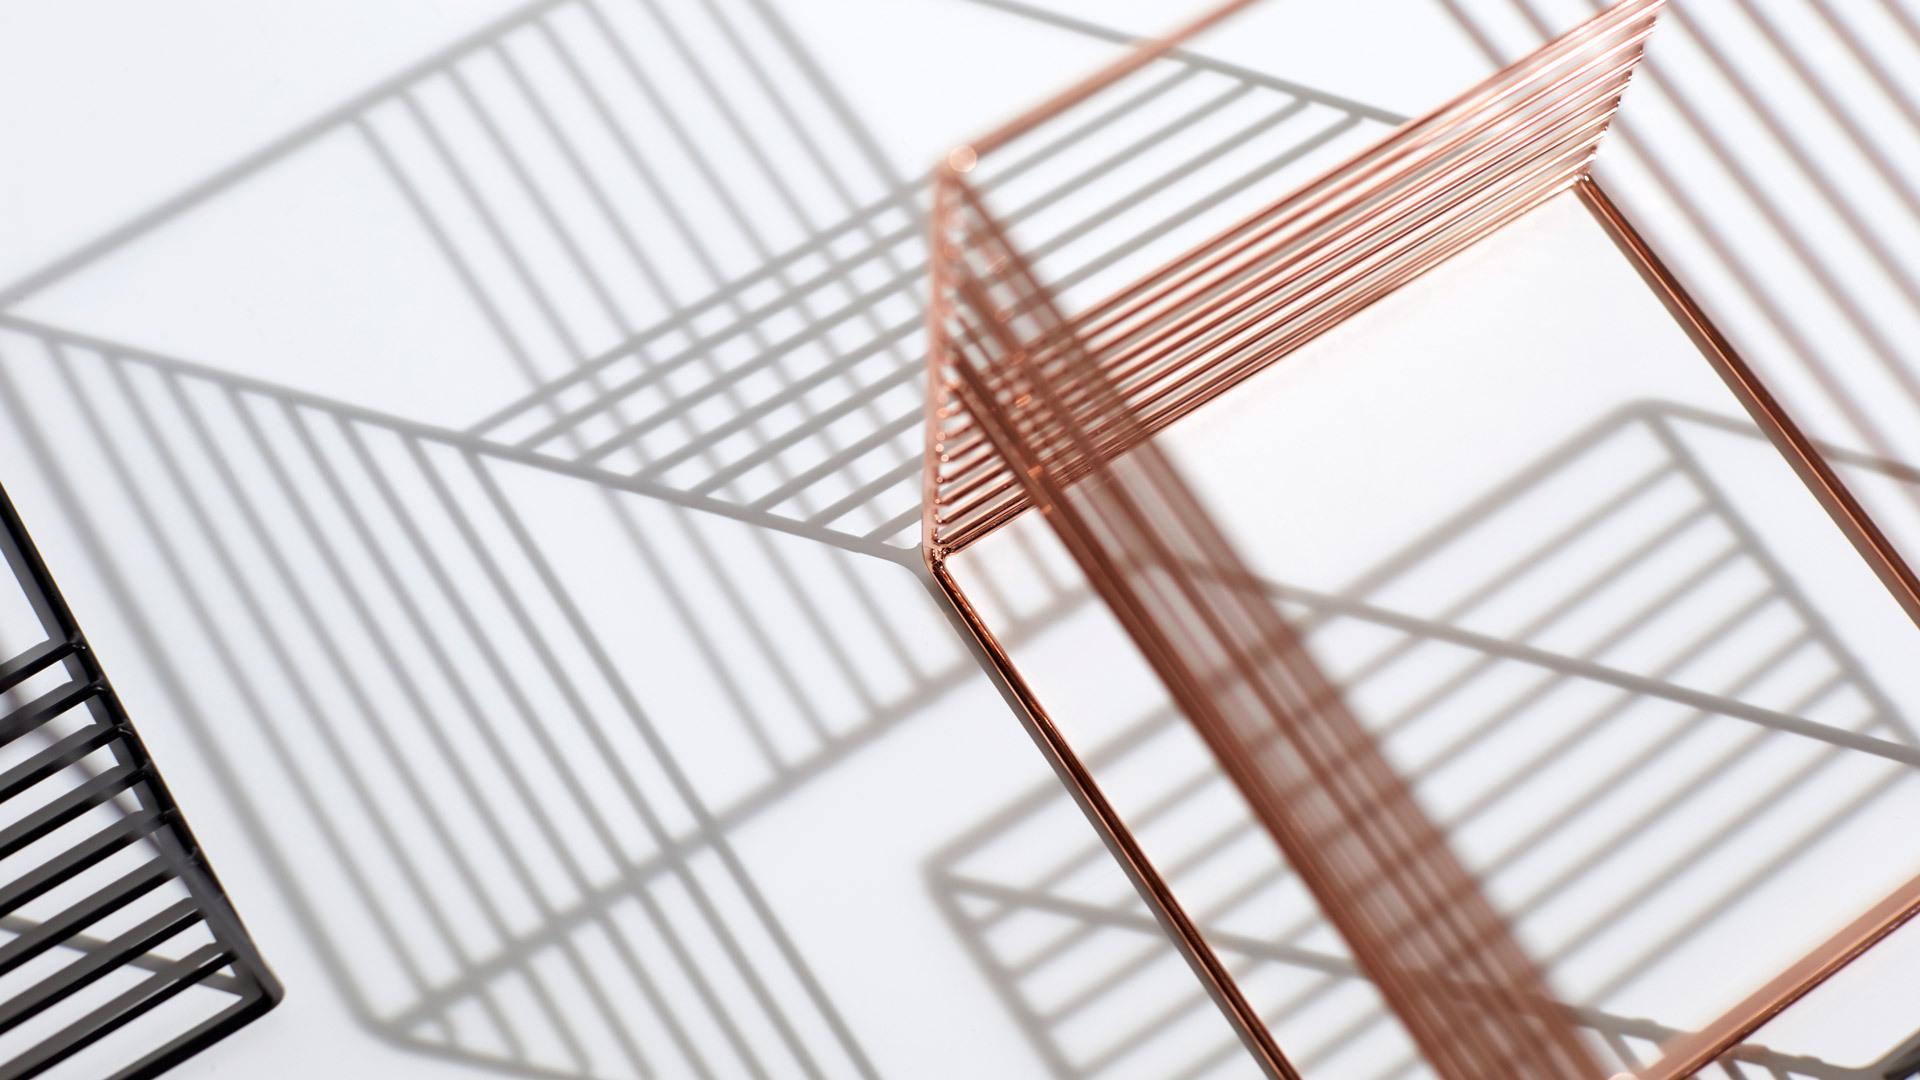 六面立方体,取空间直角坐标系中的X、Y、Z三个互相垂直面,分别装饰8根平行金属线,形成3D视觉游戏,光影挪移,一个抓到时间线的花器。